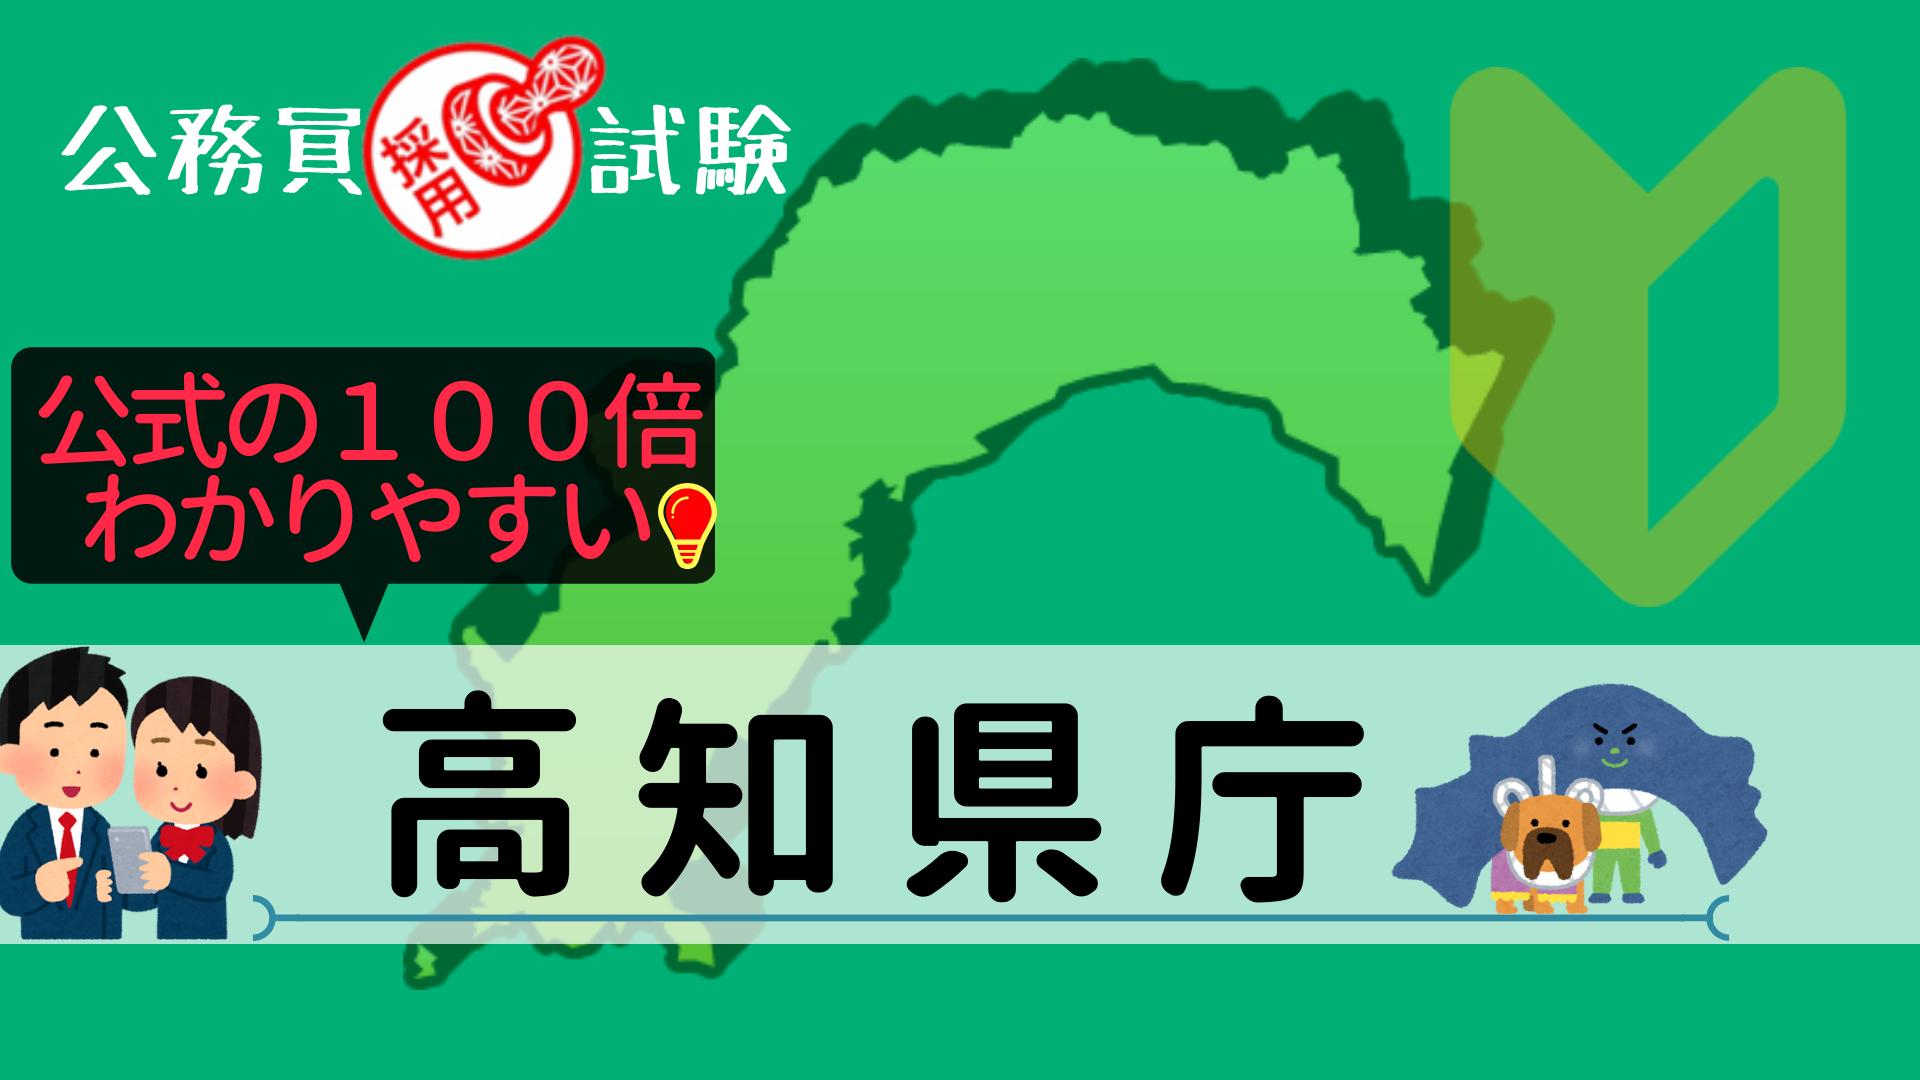 高知県庁の公務員採用試験について